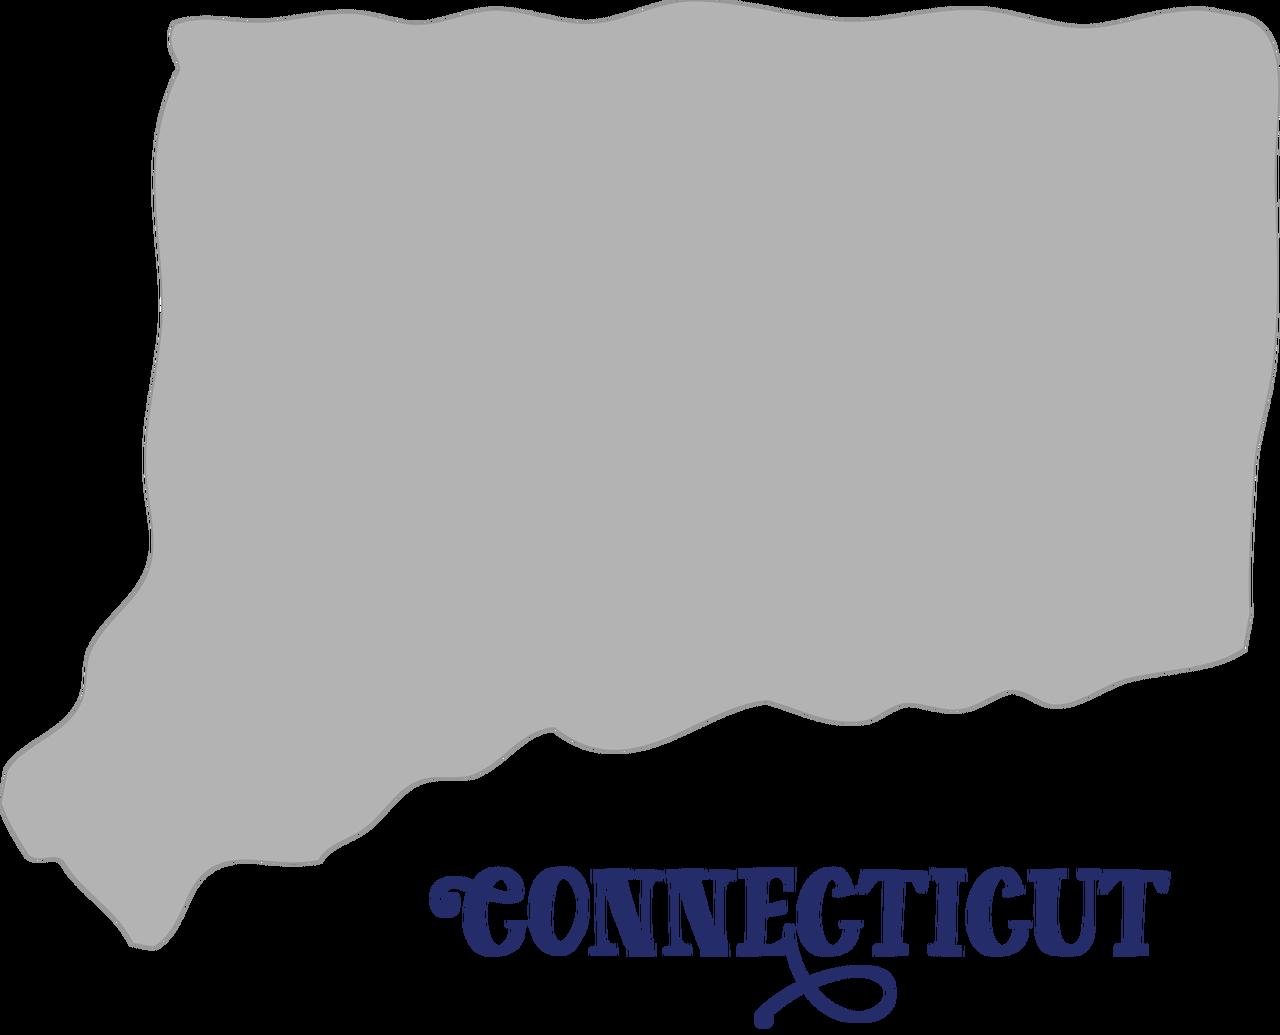 Connecticut SVG Cut File